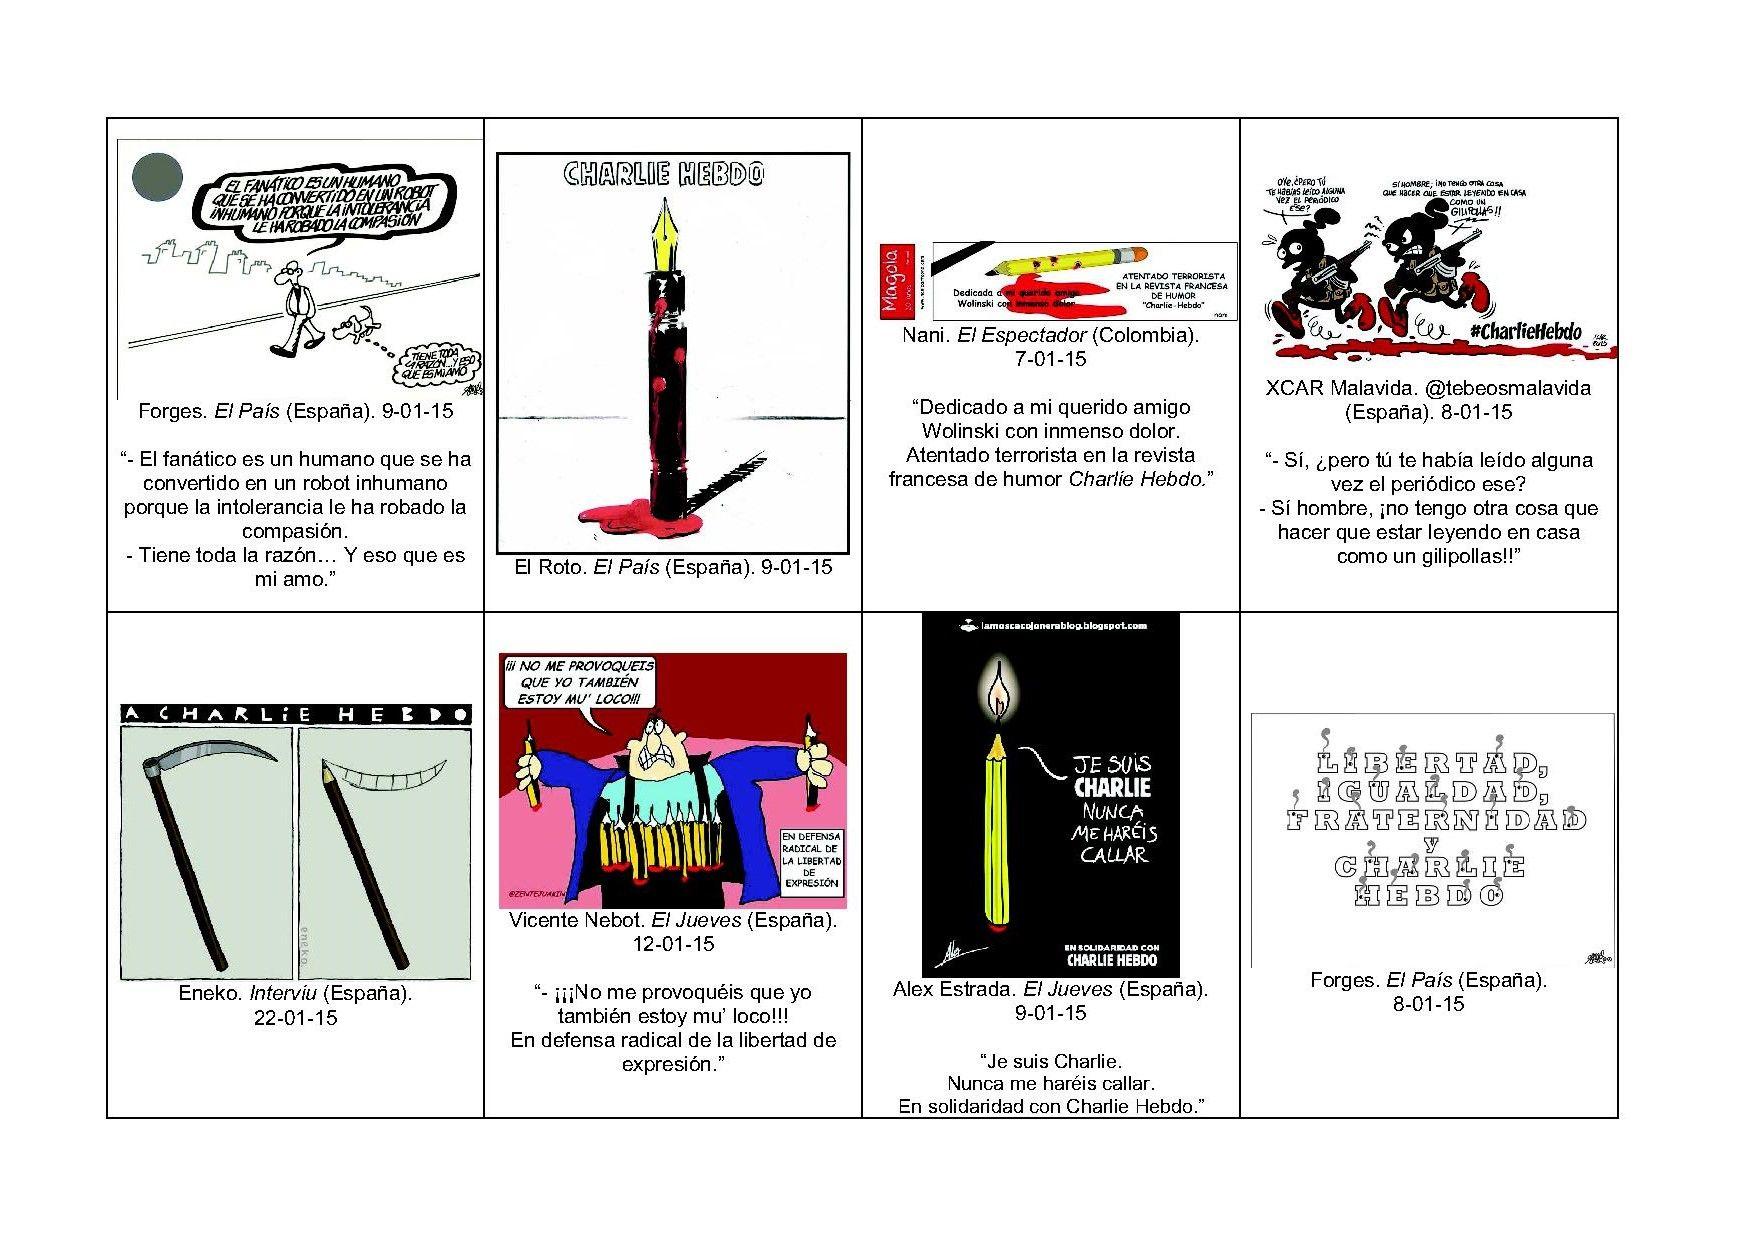 Caricaturas en homenaje a Charlie Hebdo_4